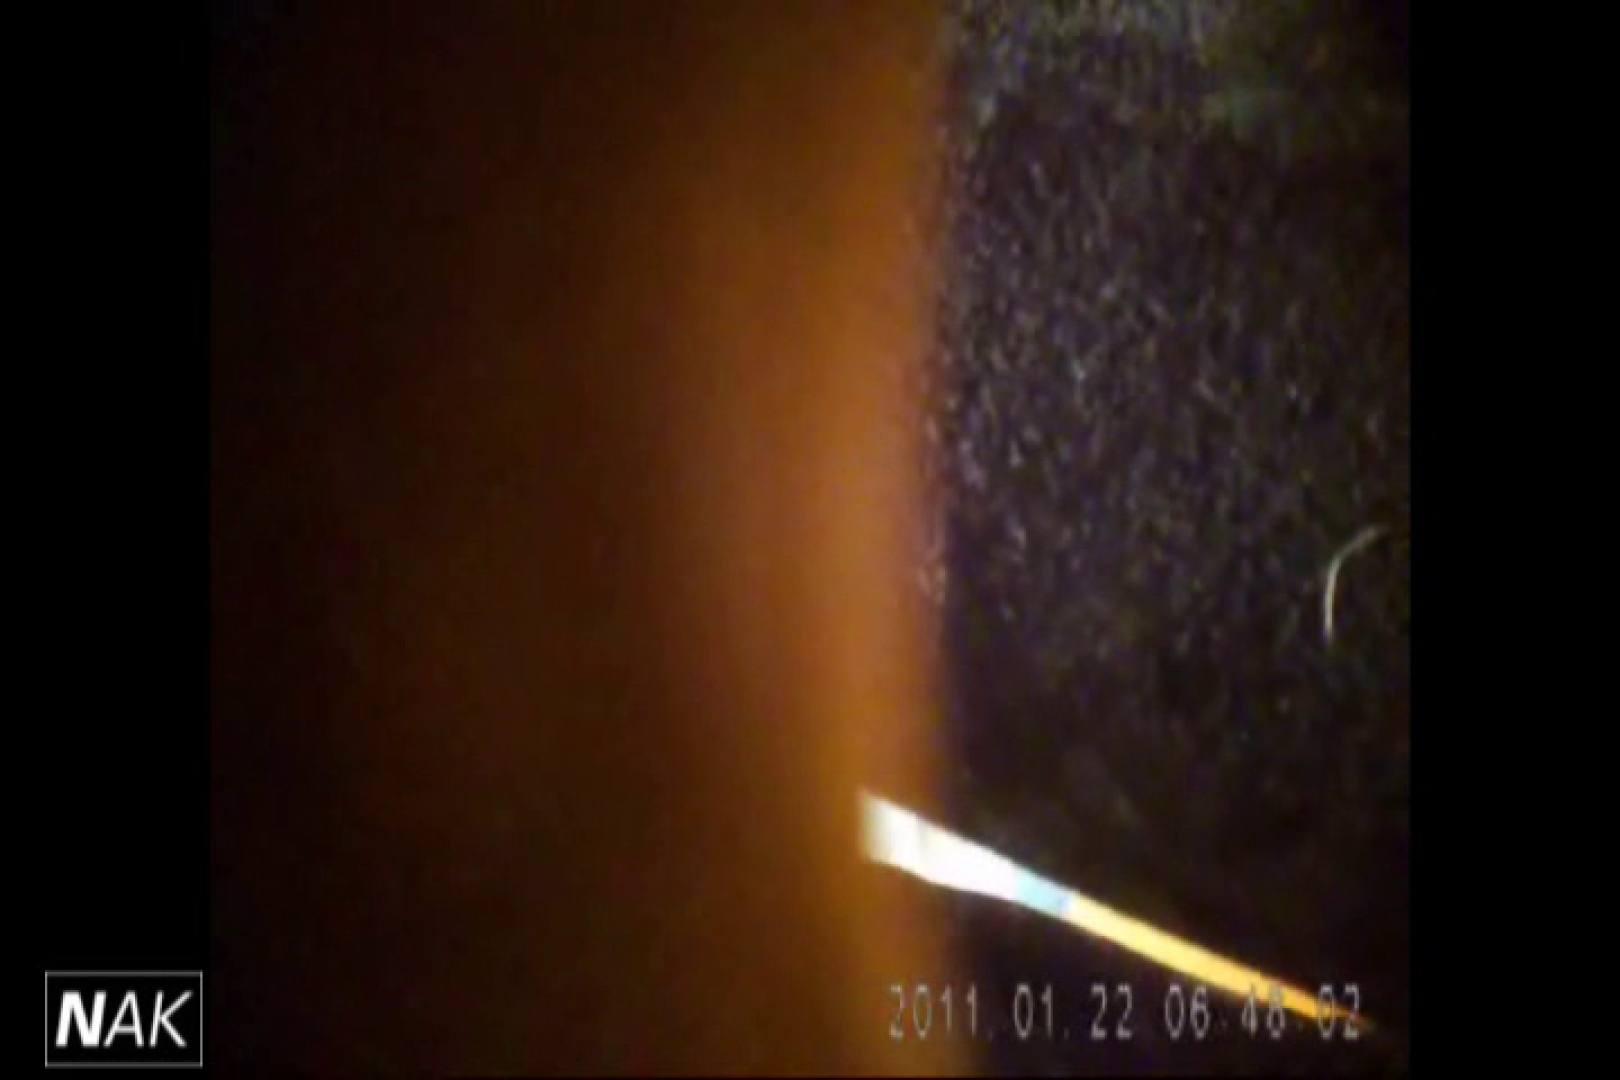 せん八さんの厠観察日記!2点監視カメラ 高画質5000K vol.09 高画質 盗撮オメコ無修正動画無料 90画像 84